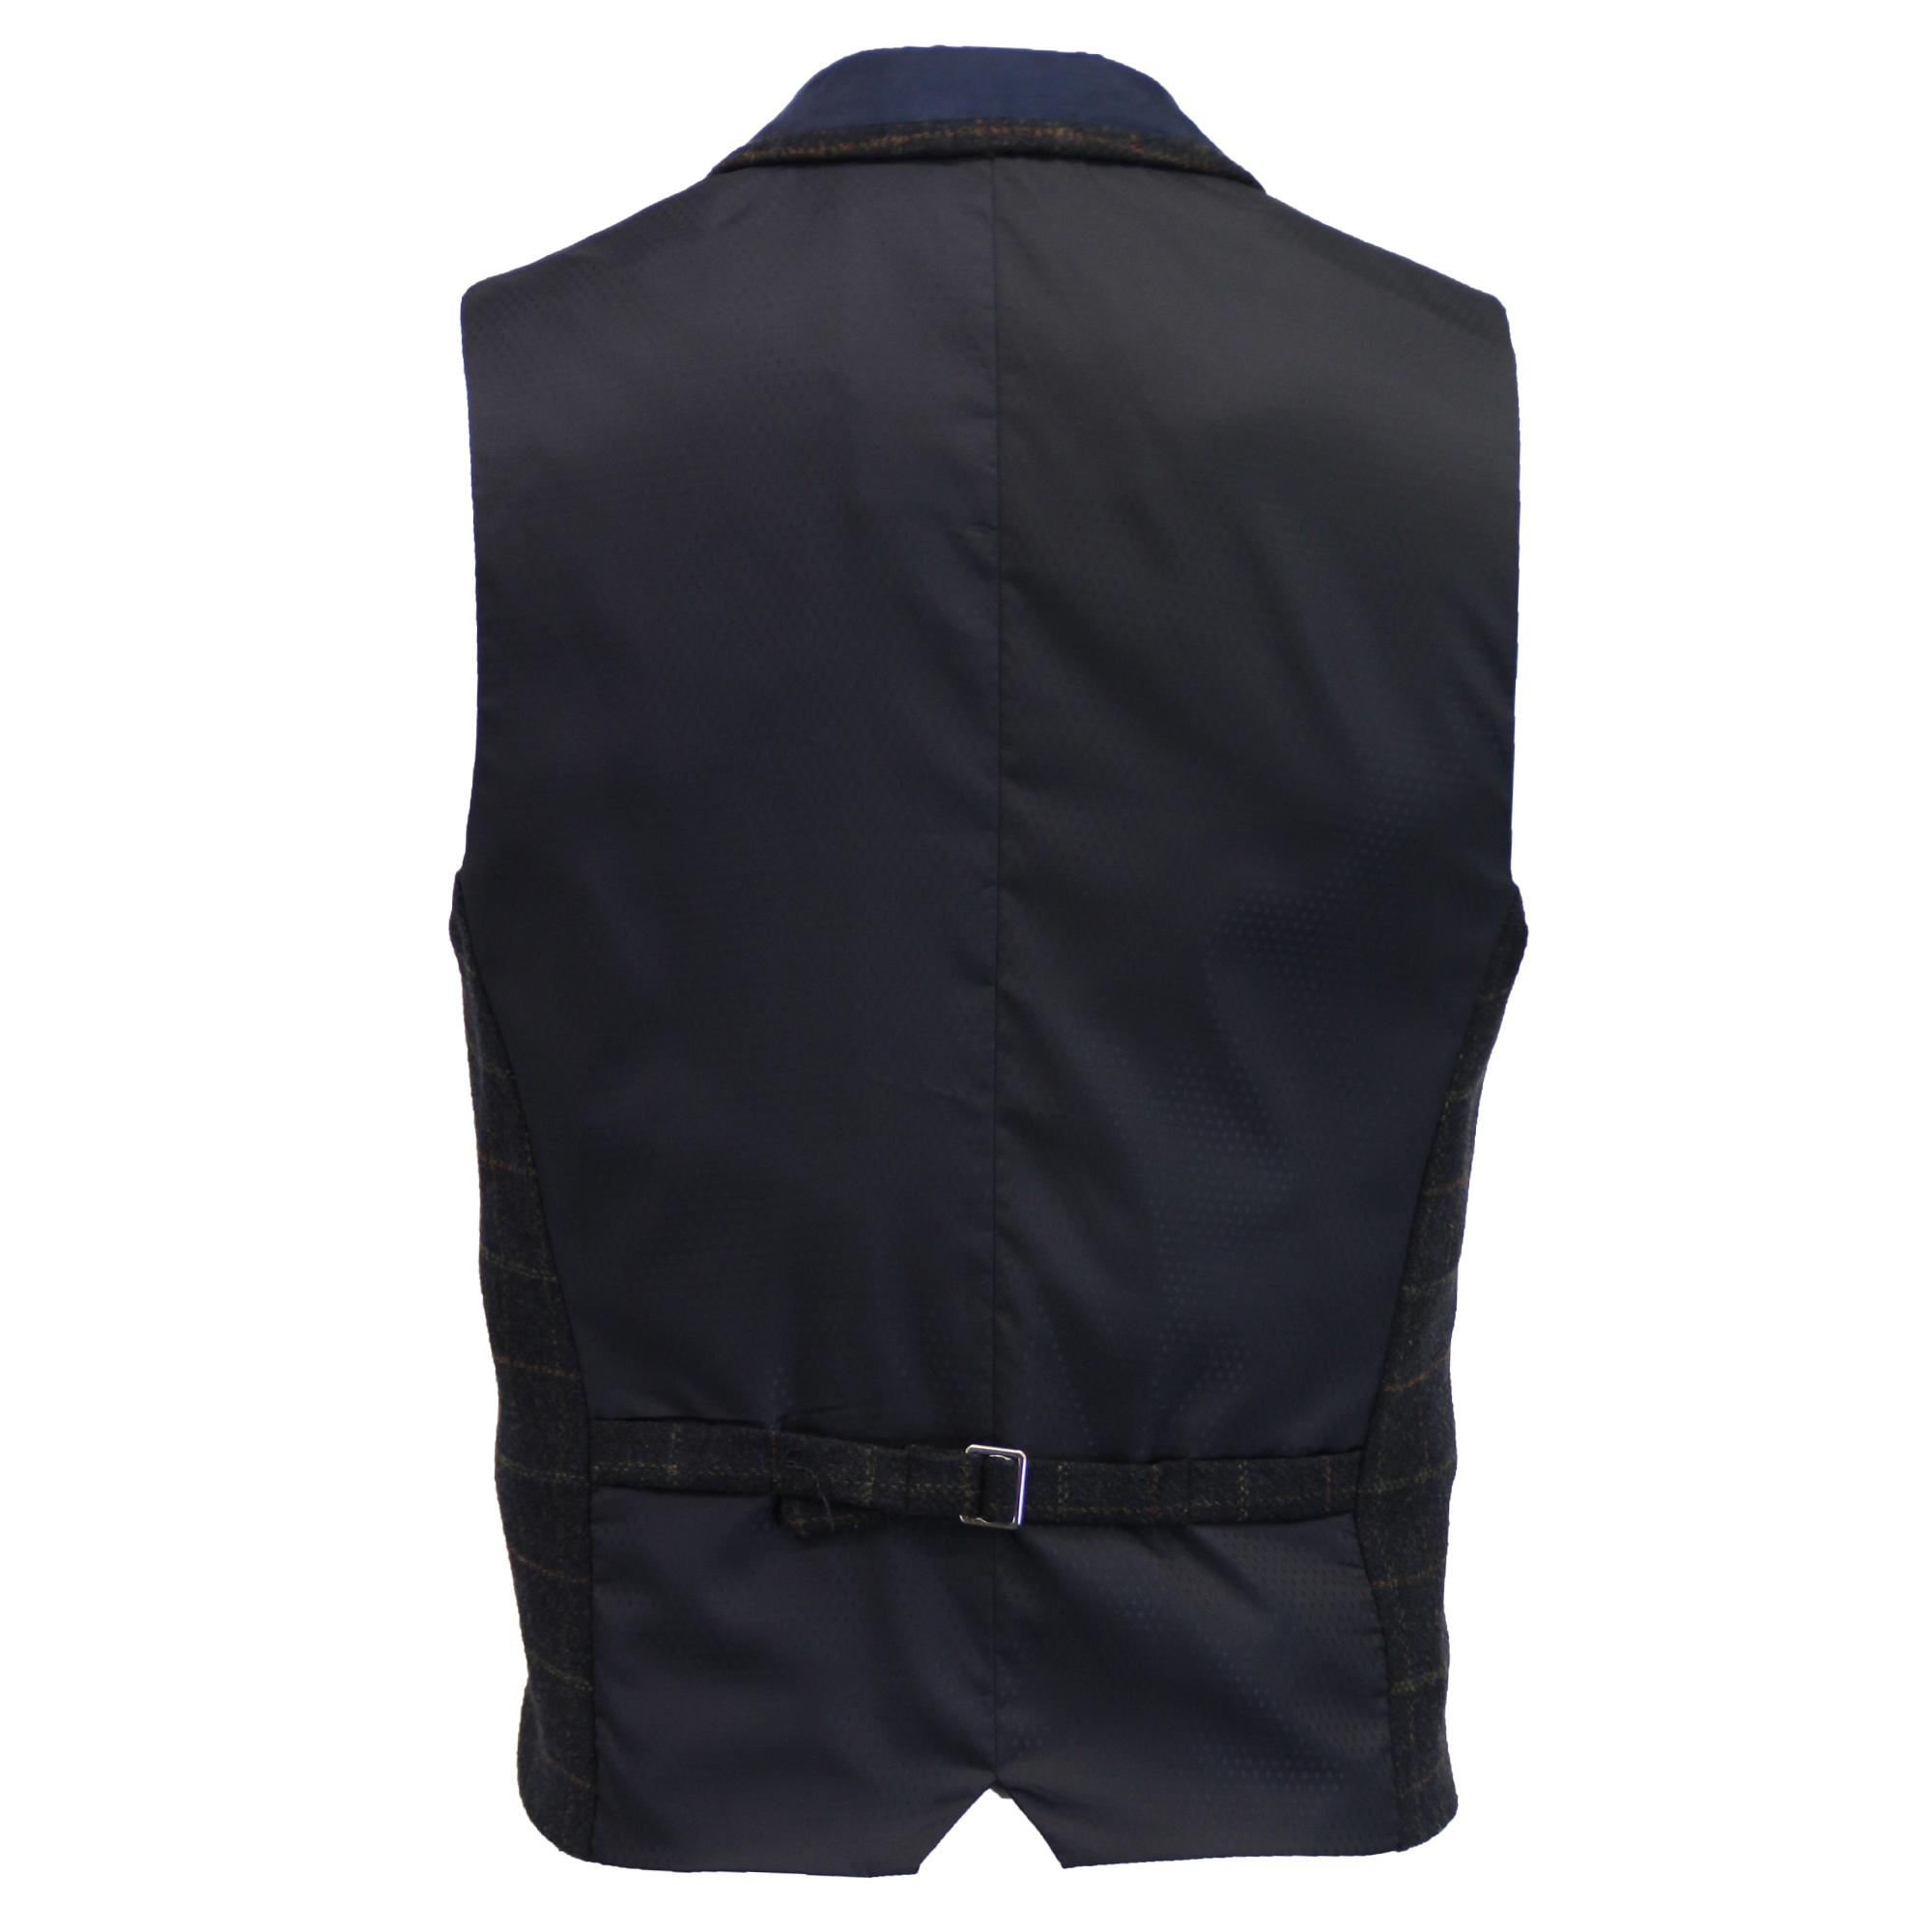 Mezcla-de-lana-para-hombre-mareno-Chaleco-Chaleco-Formal-Herringbone-Tweed-Cuadros-Forrado-de miniatura 24